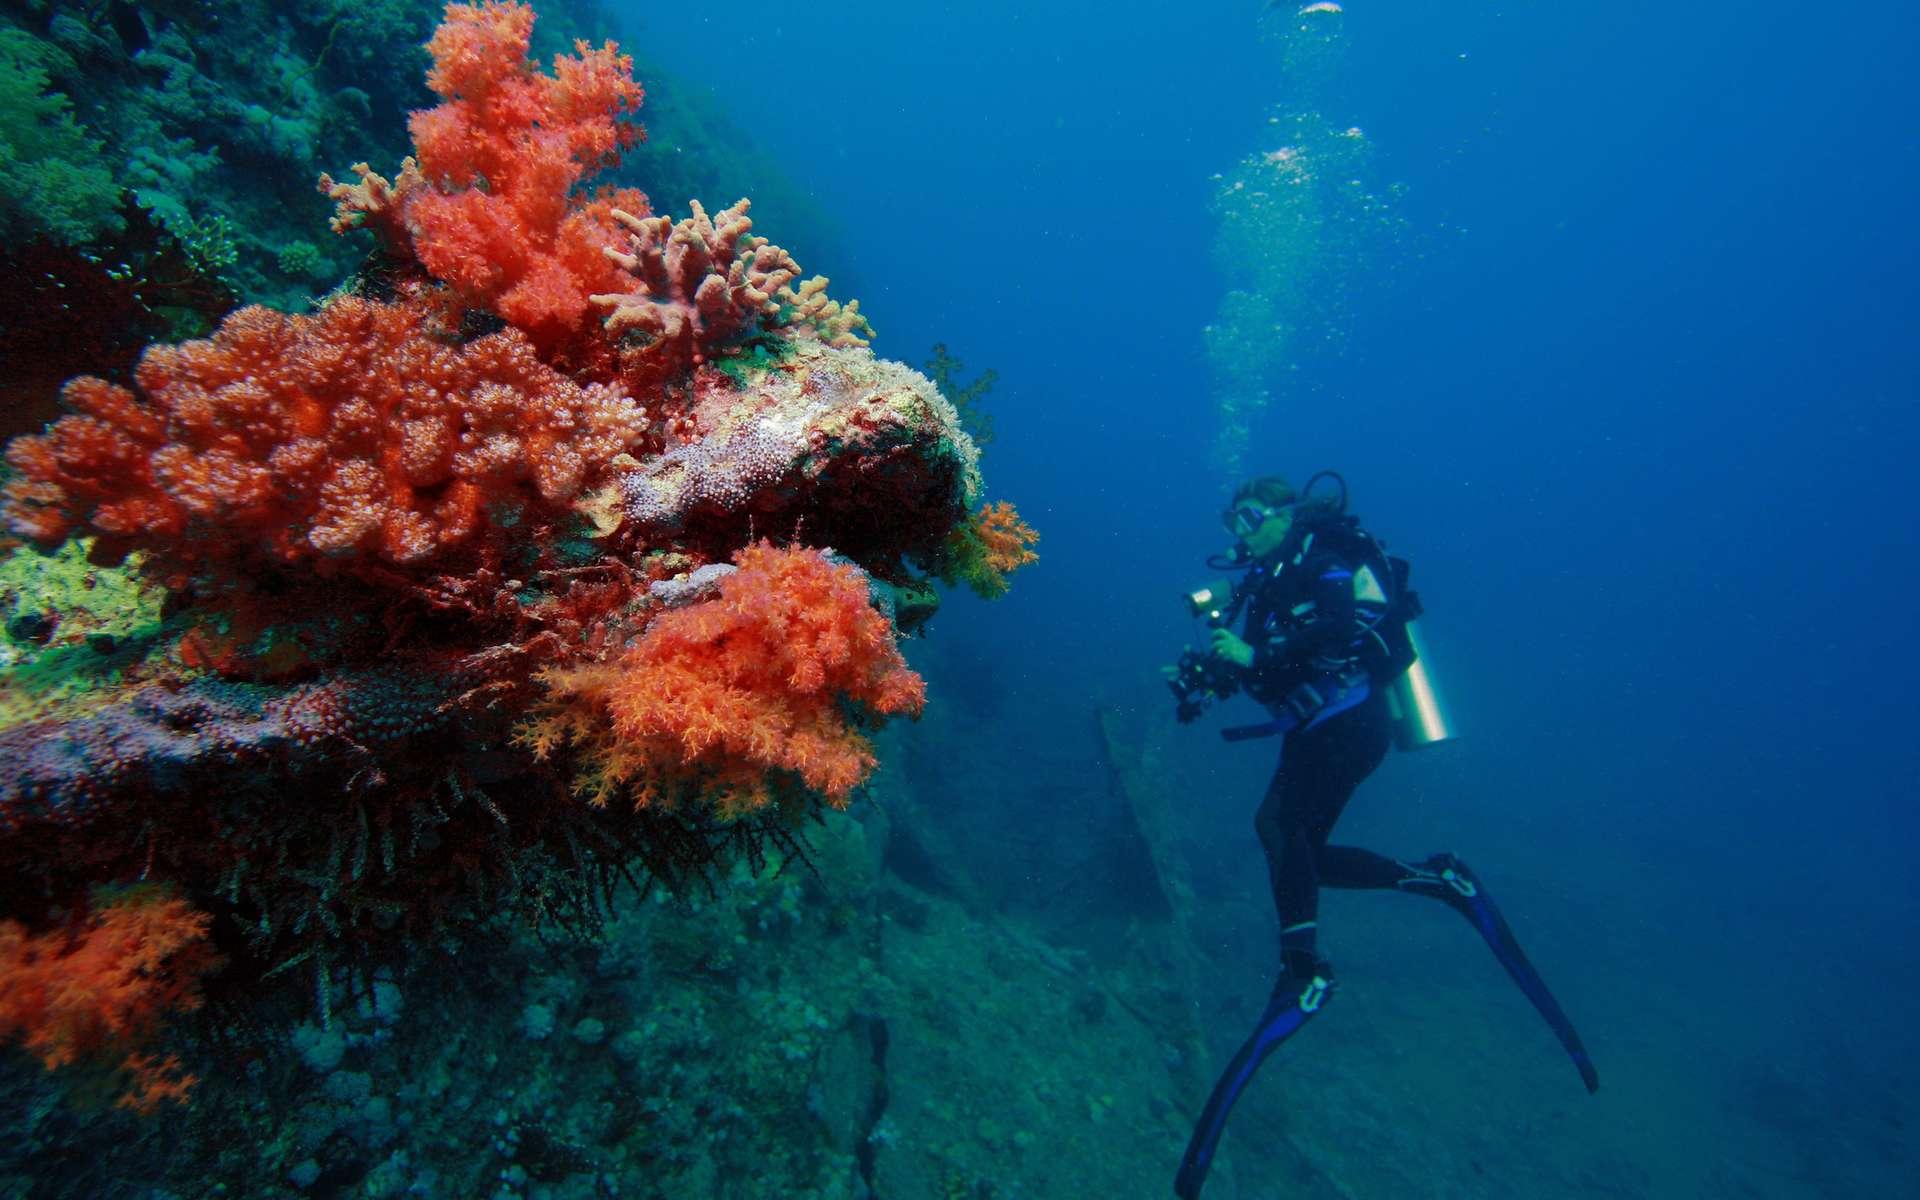 Des précautions indispensables doivent être respectées lors de la plongée sous-marine. Crédits DR.